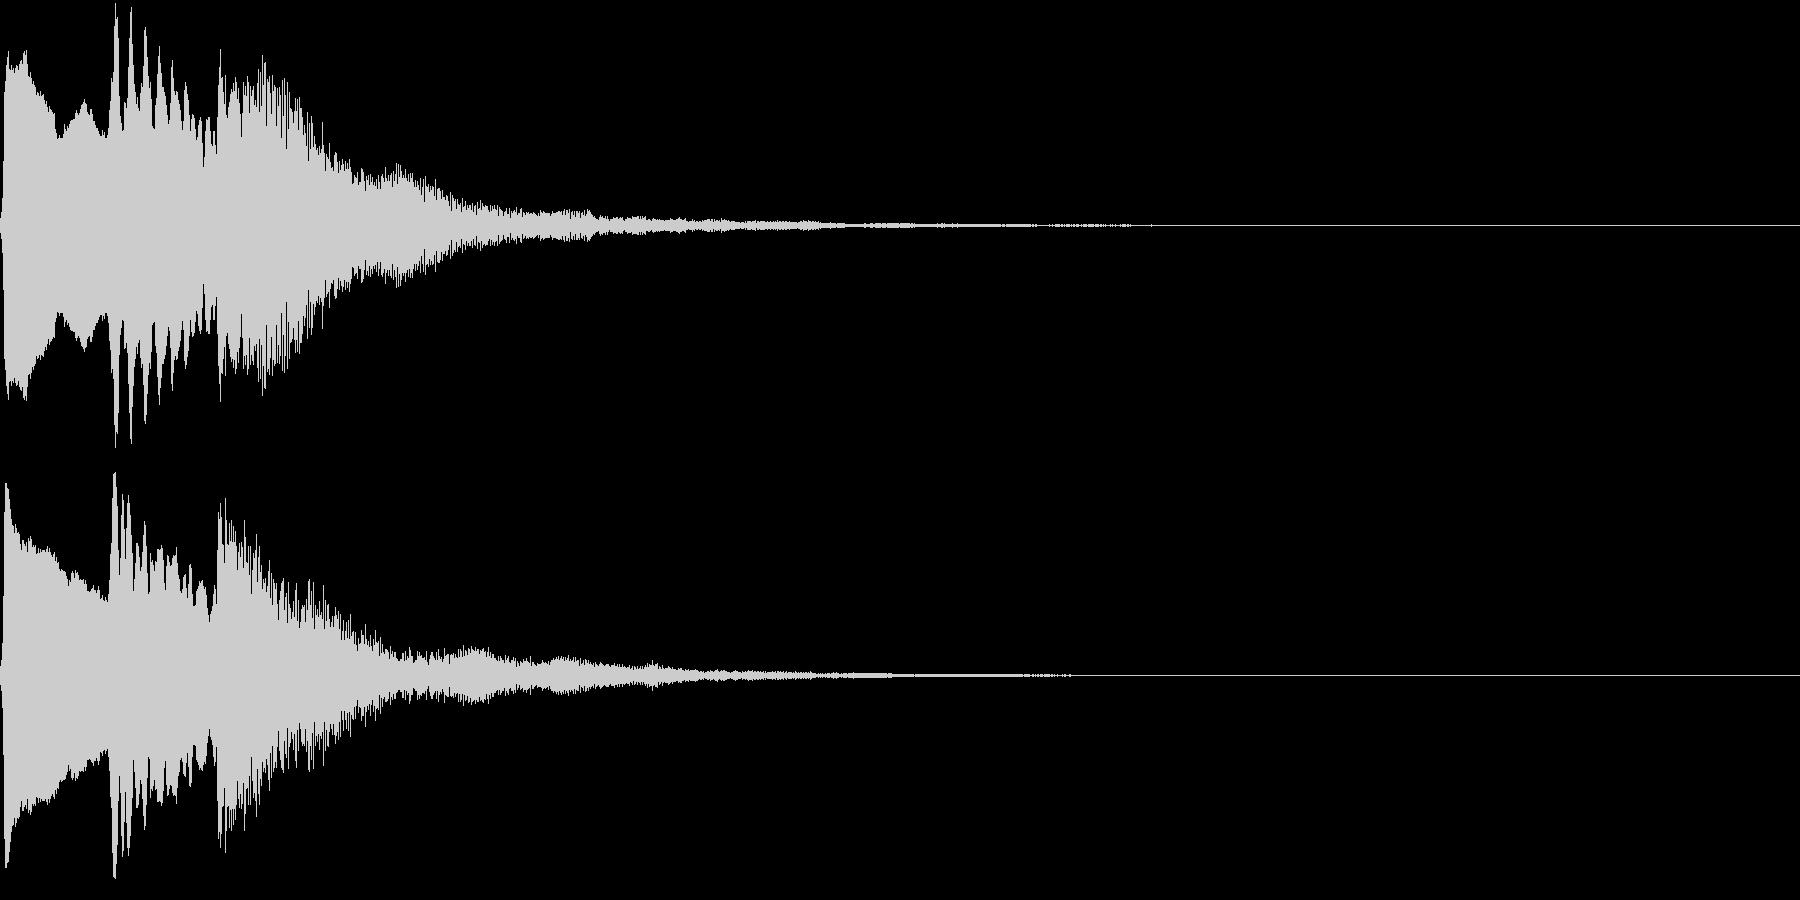 PopSynth ぷっくり可愛い電子音6の未再生の波形